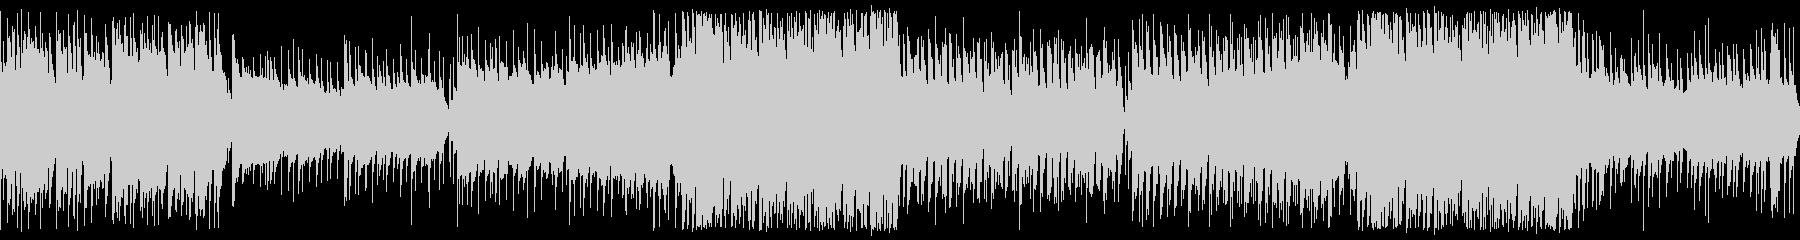 【ループ版】和風EDM・お祭りの…の未再生の波形